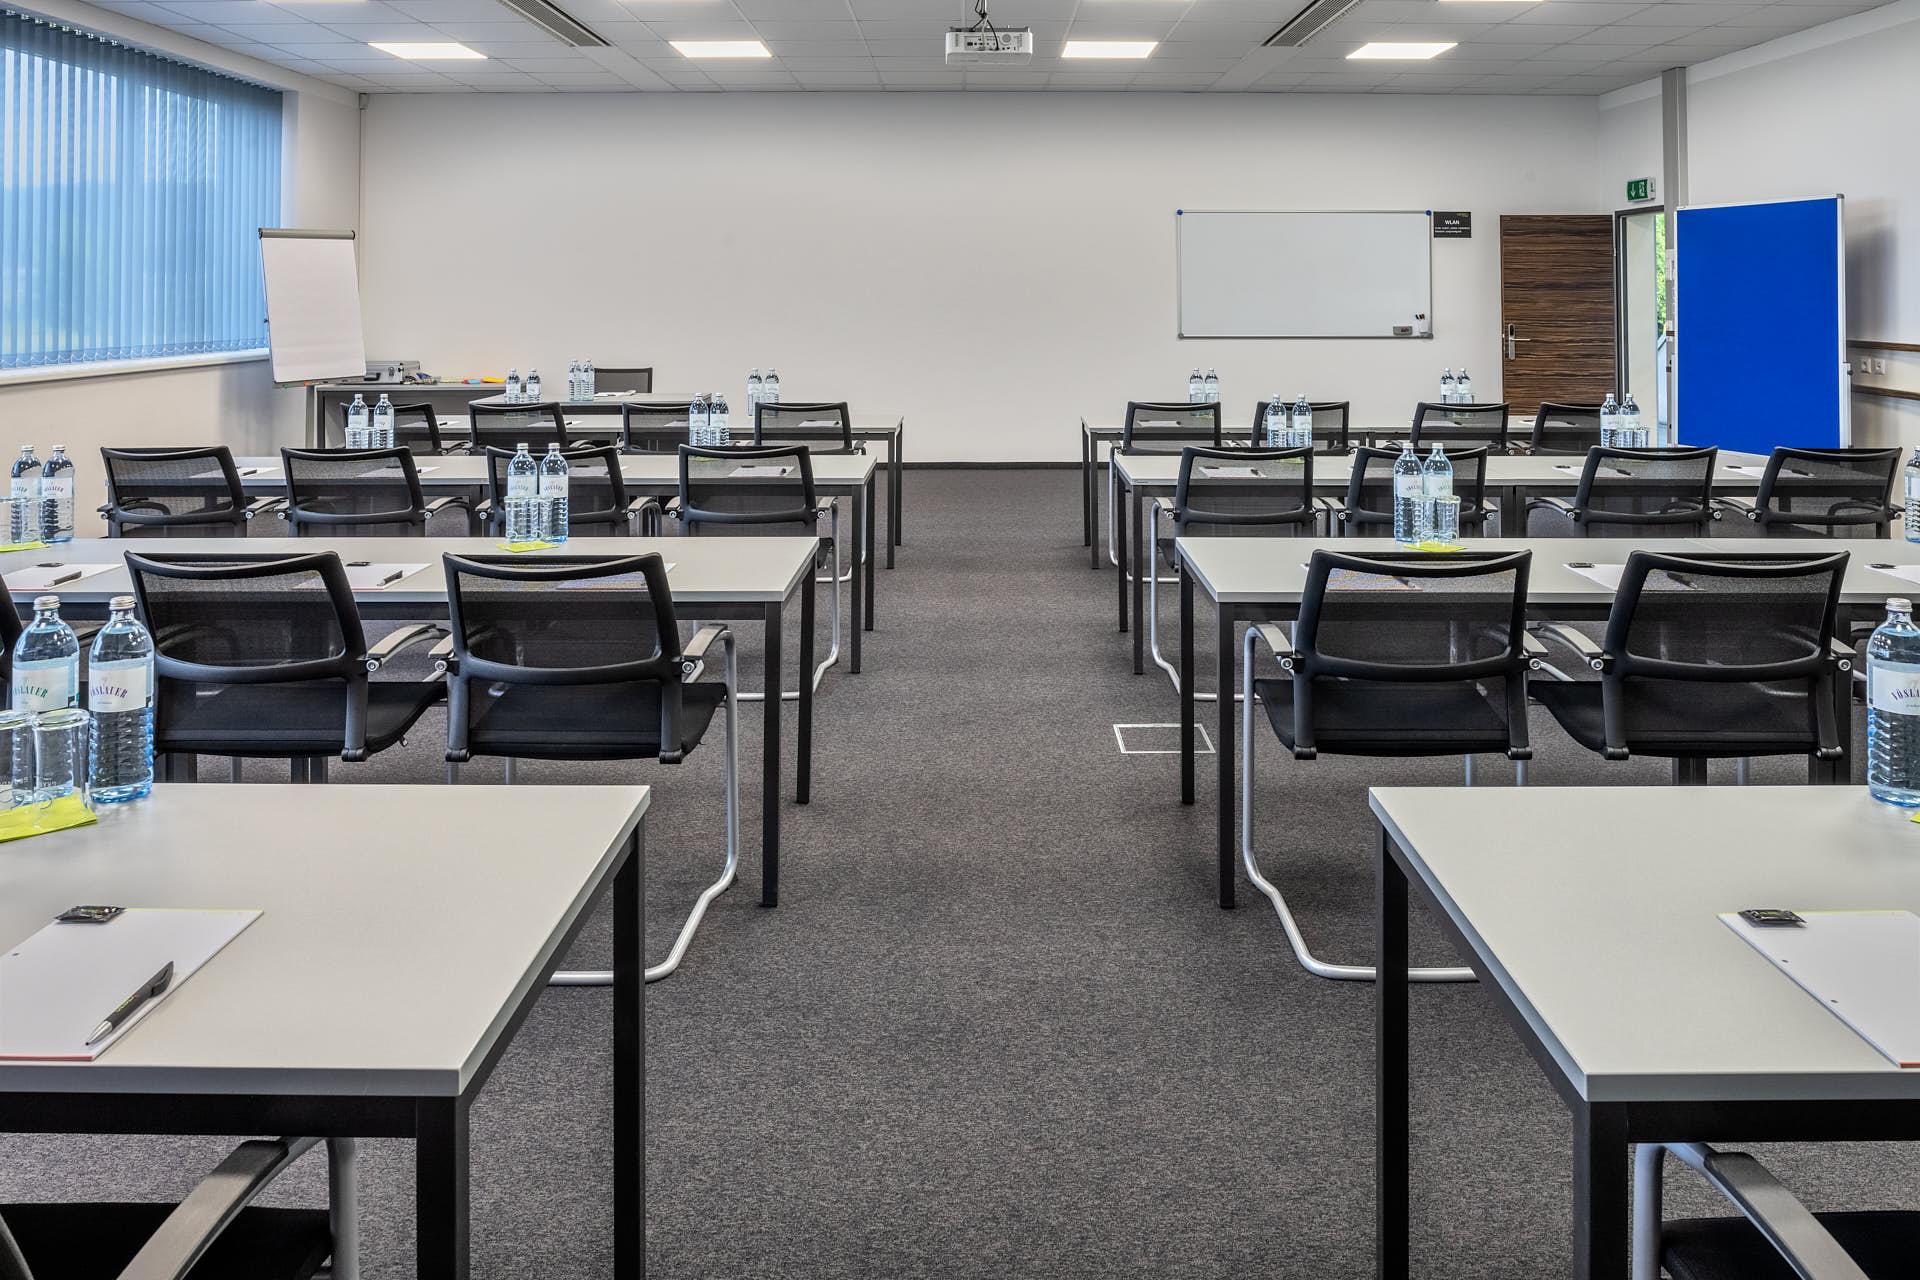 Jupiter / Klassenzimmer-Bestuhlung: Platz für 32 Personen.